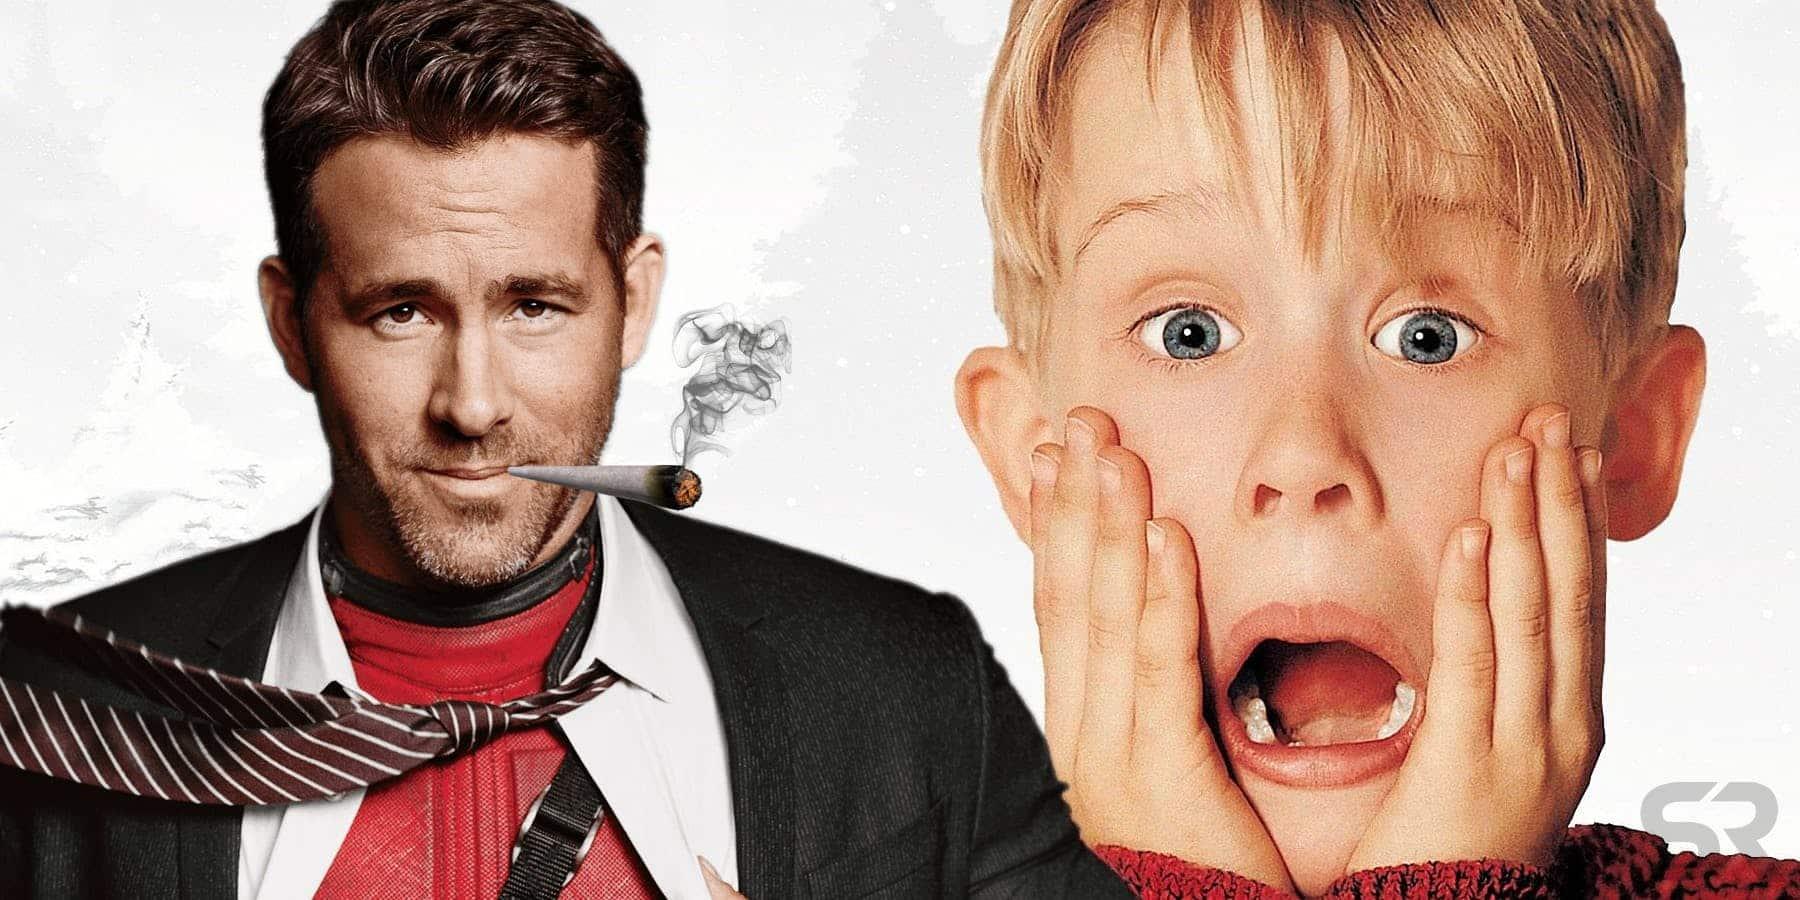 Stoned Alone: Ryan Reynolds producirá versión Rated-R de Home Alone para Fox